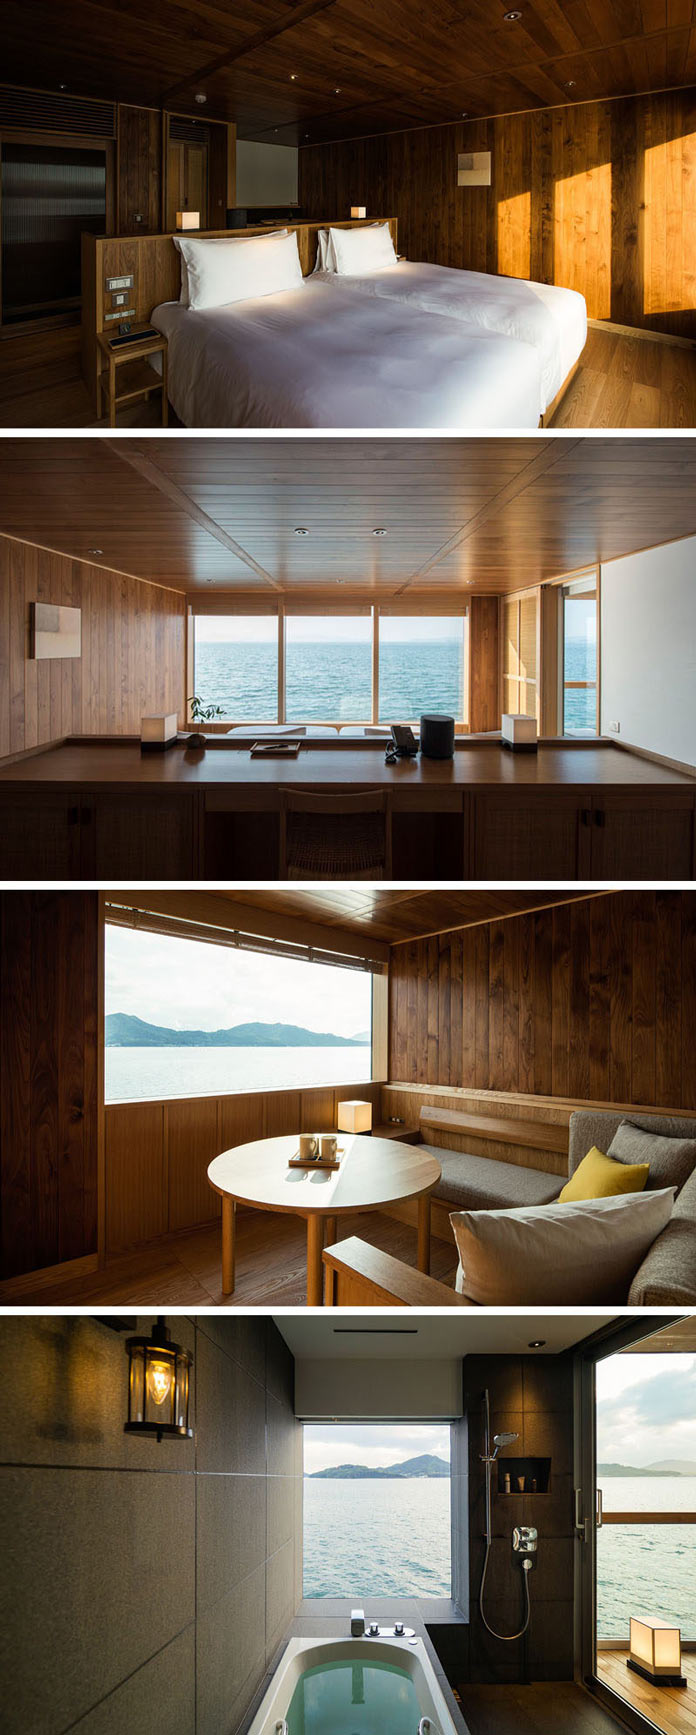 Детали интерьеров. Guntu плавающий отель в Японии